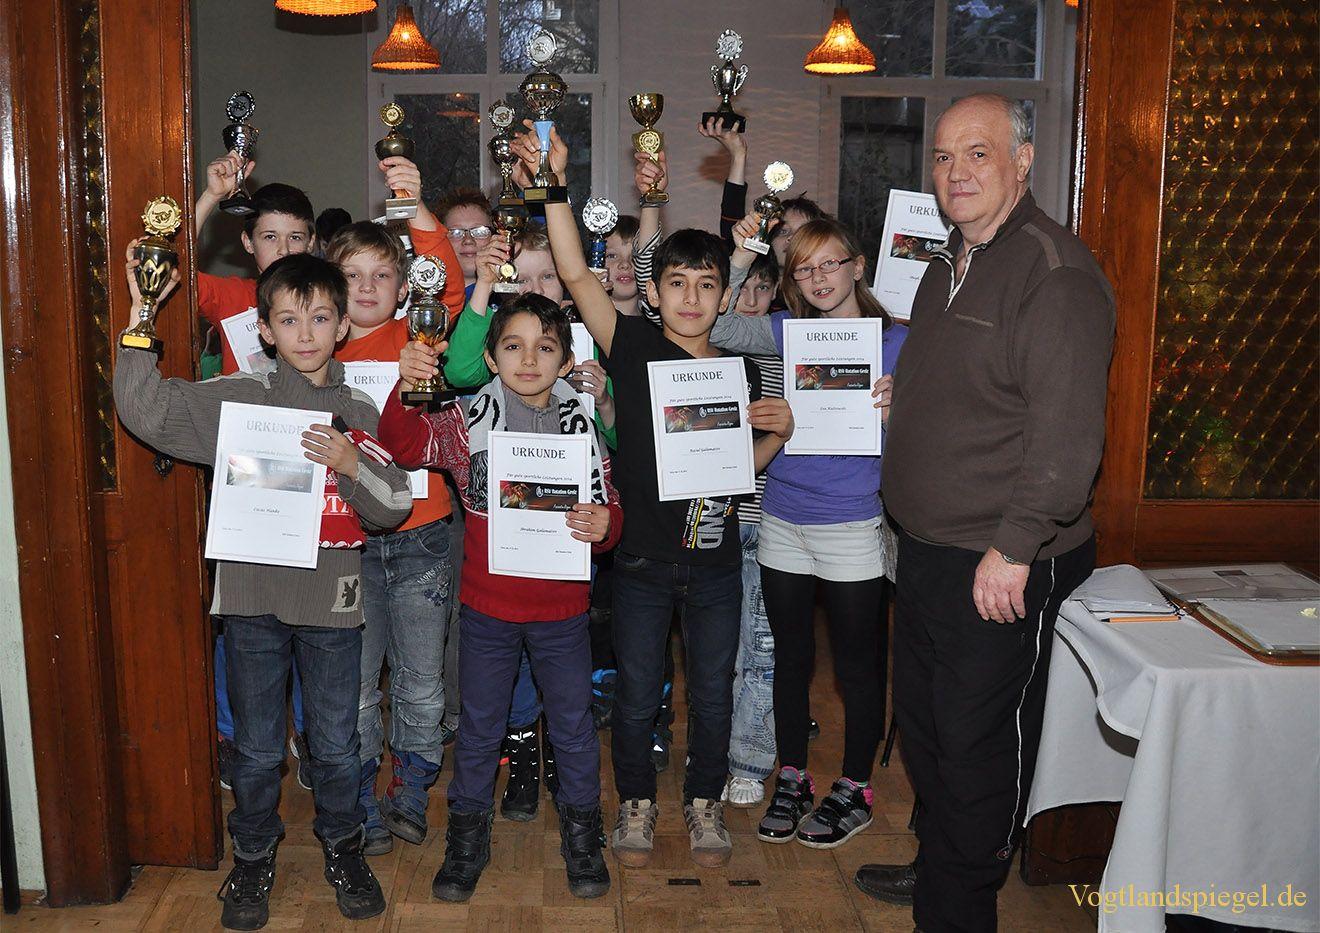 Ringen: Jüngste Sportler werten bei Weihnachtsfeier Wettkampfjahr aus